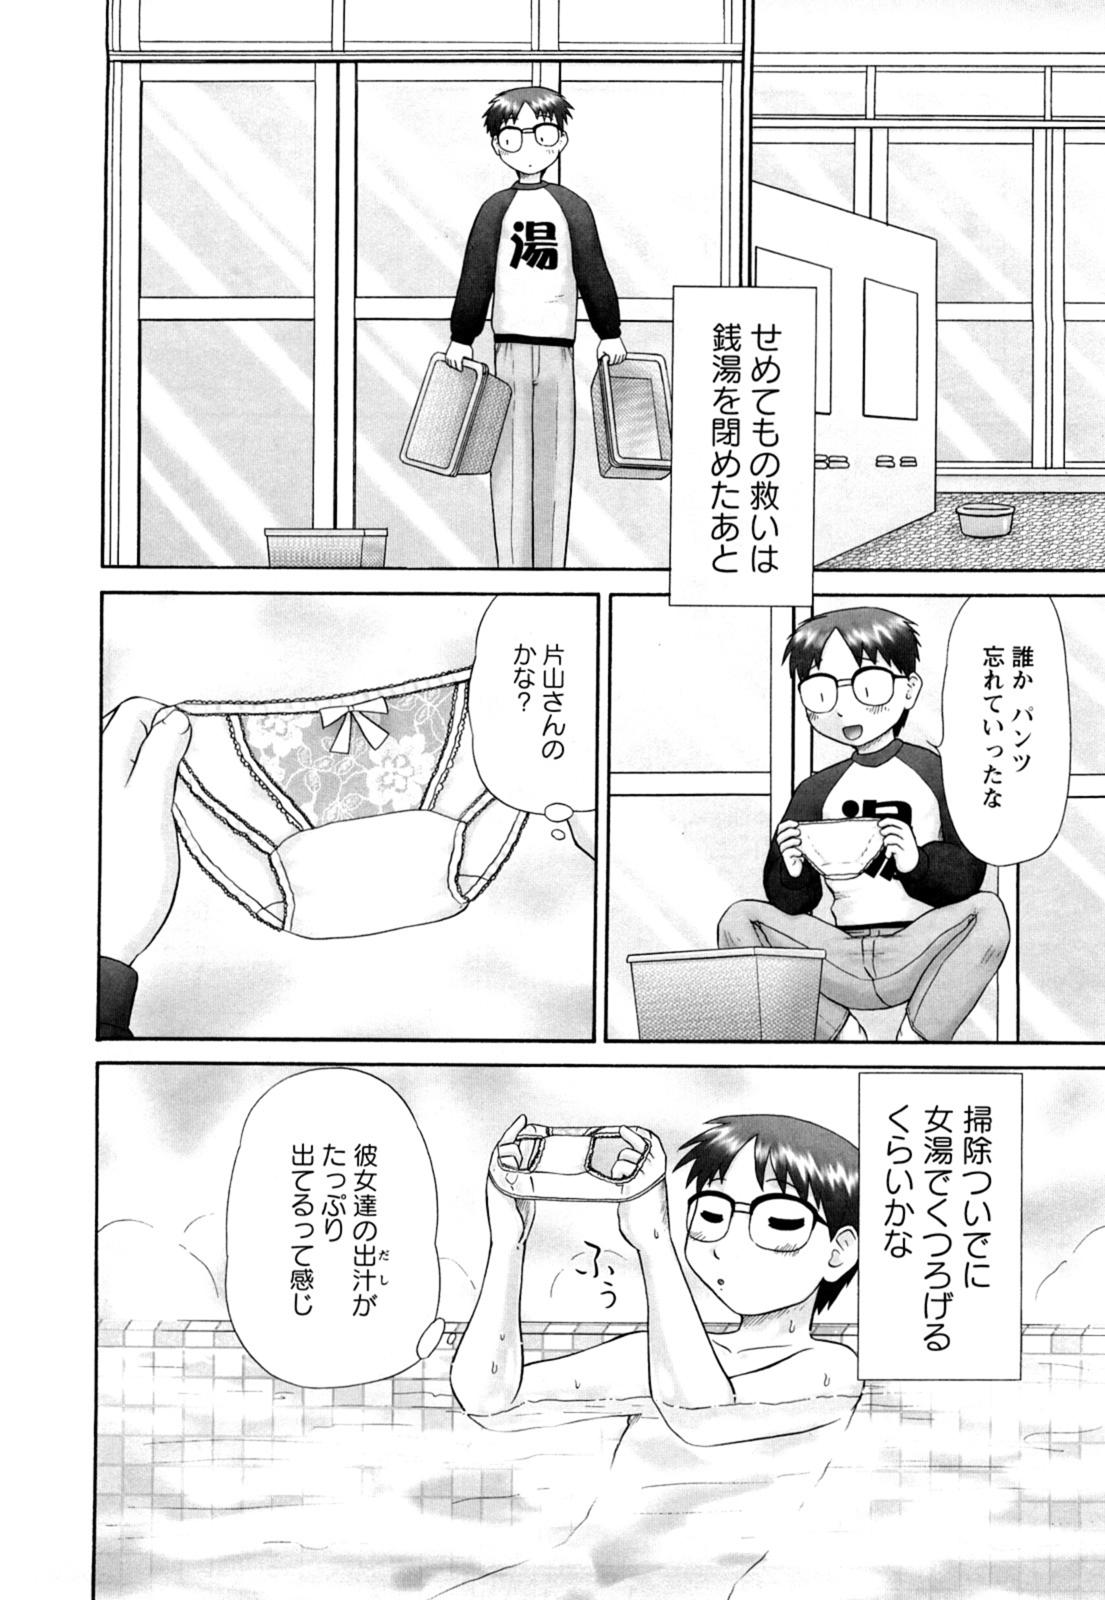 Koneko no Gakushuchou 49